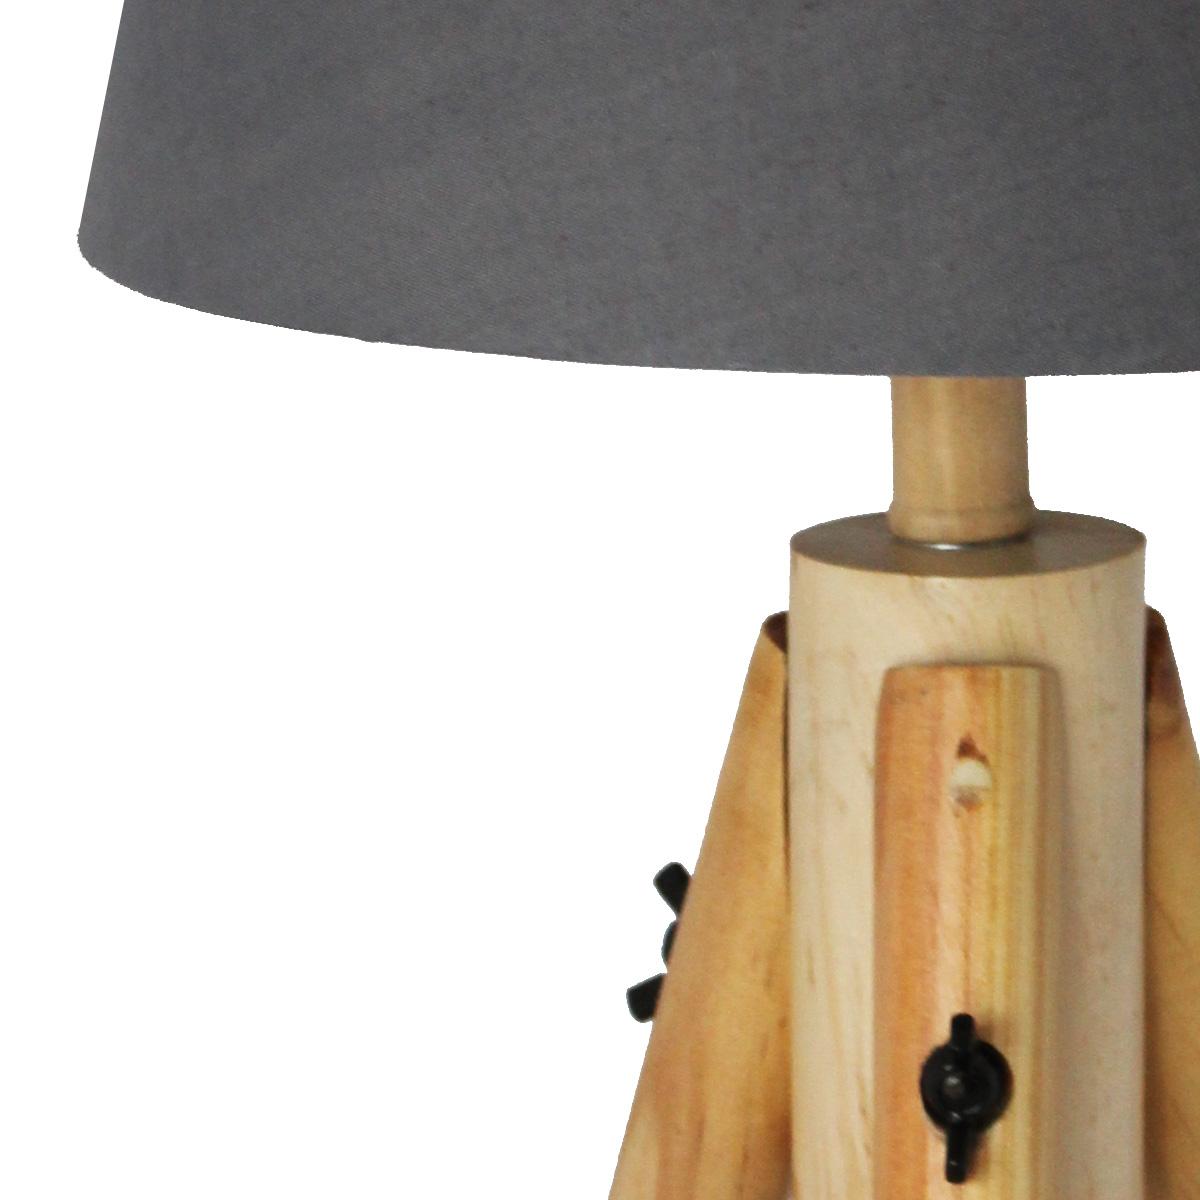 Stona lampa drvo MUS-181